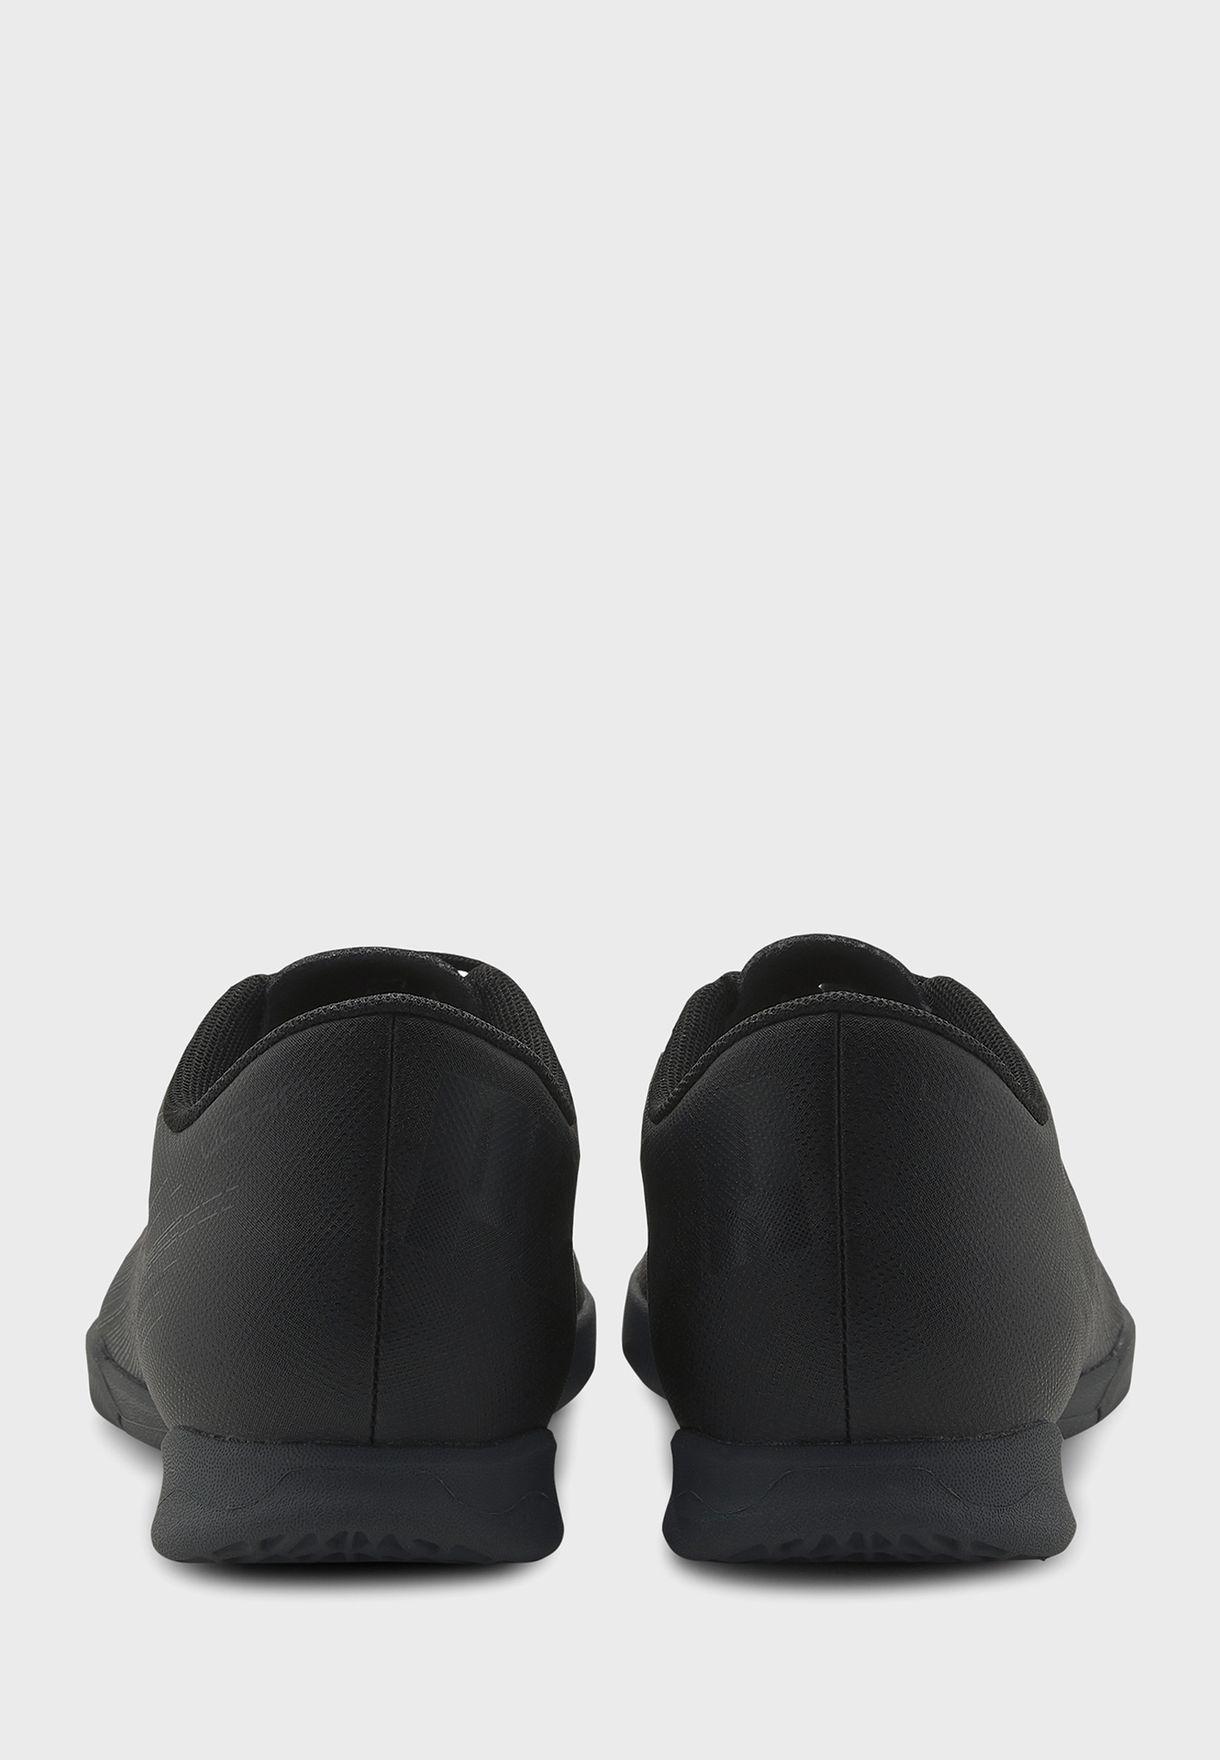 حذاء كرة قدم للرجال